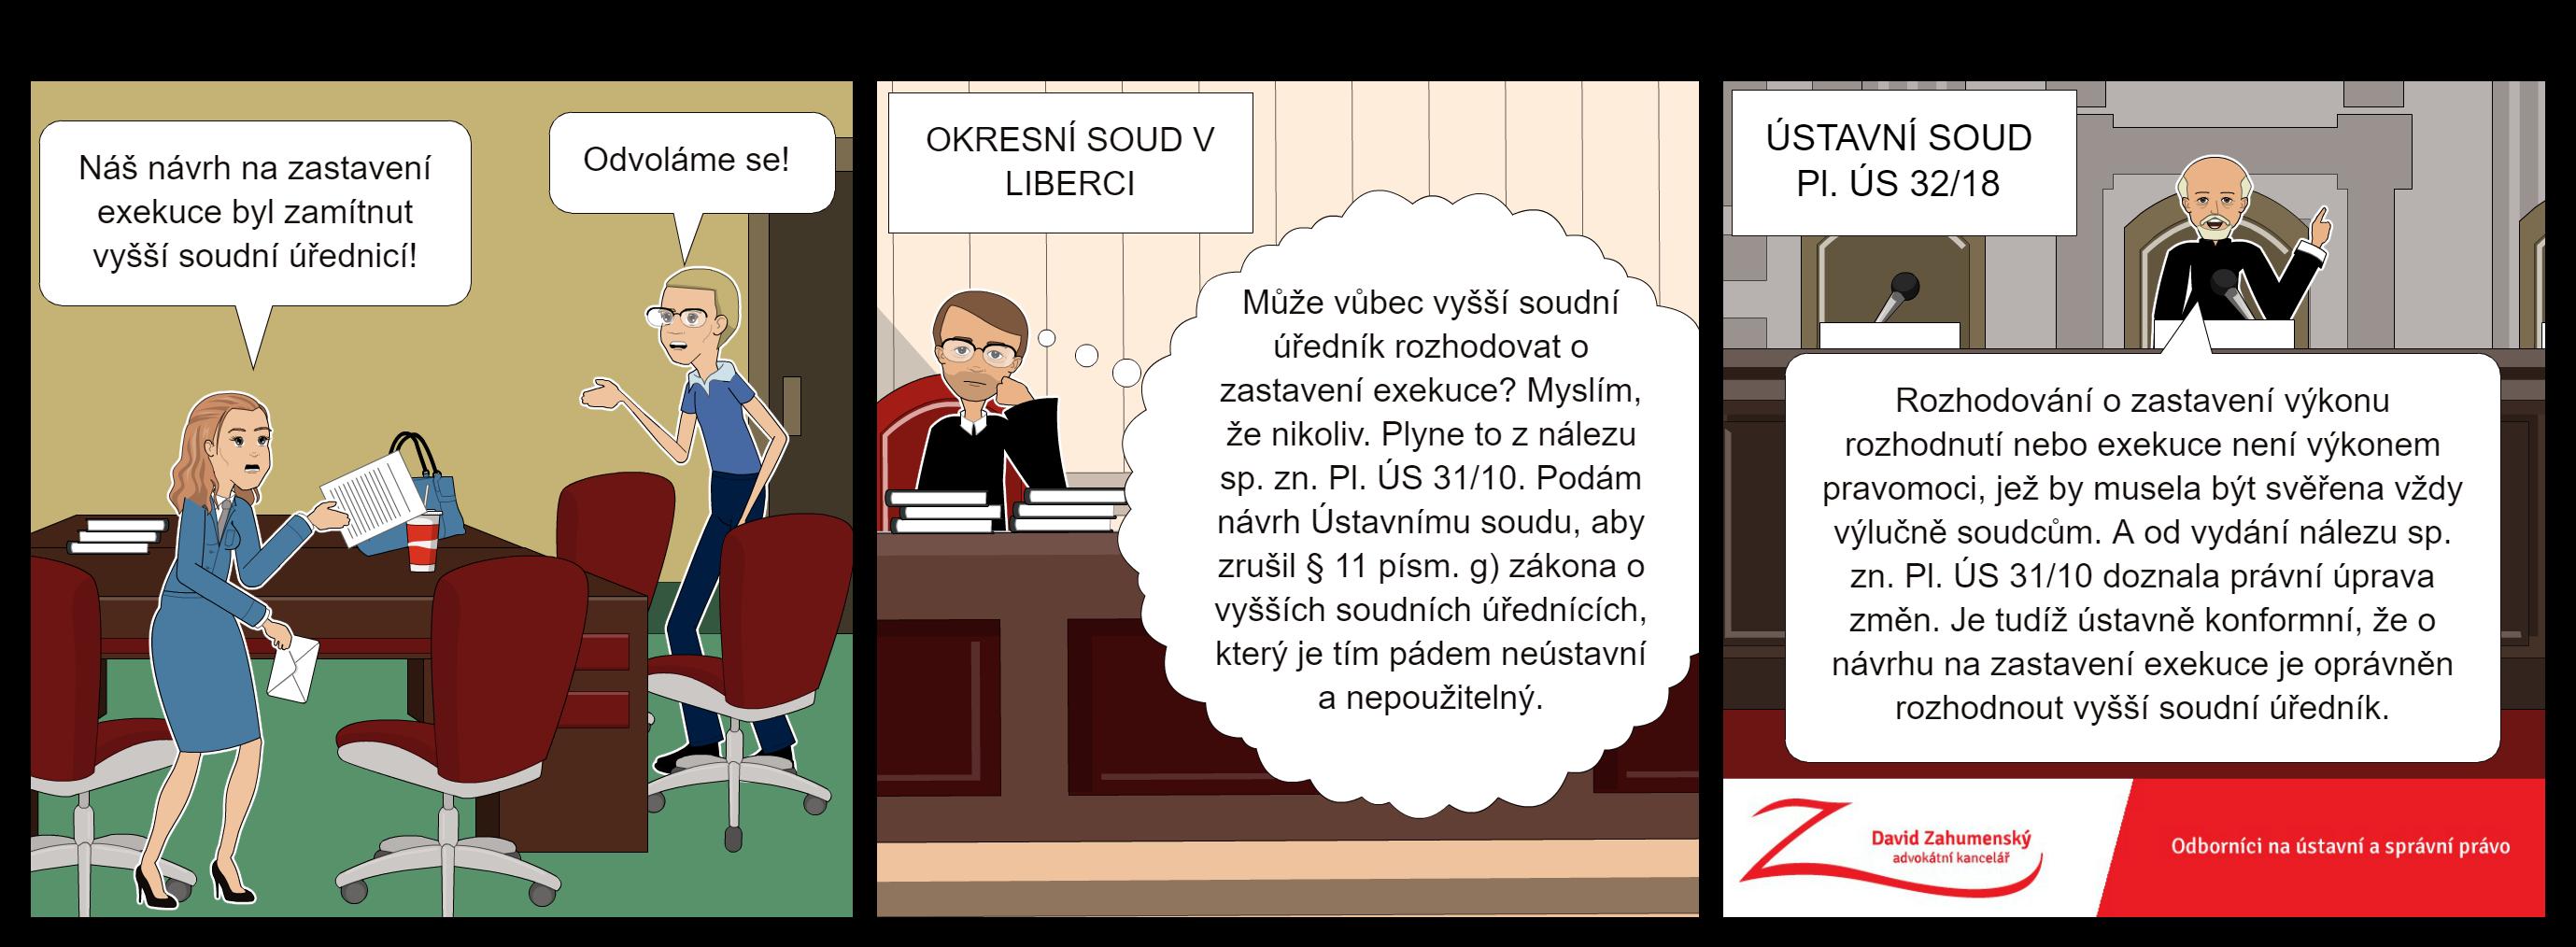 Komiks k nálezu Ústavního soudu Pl. ÚS 32/18